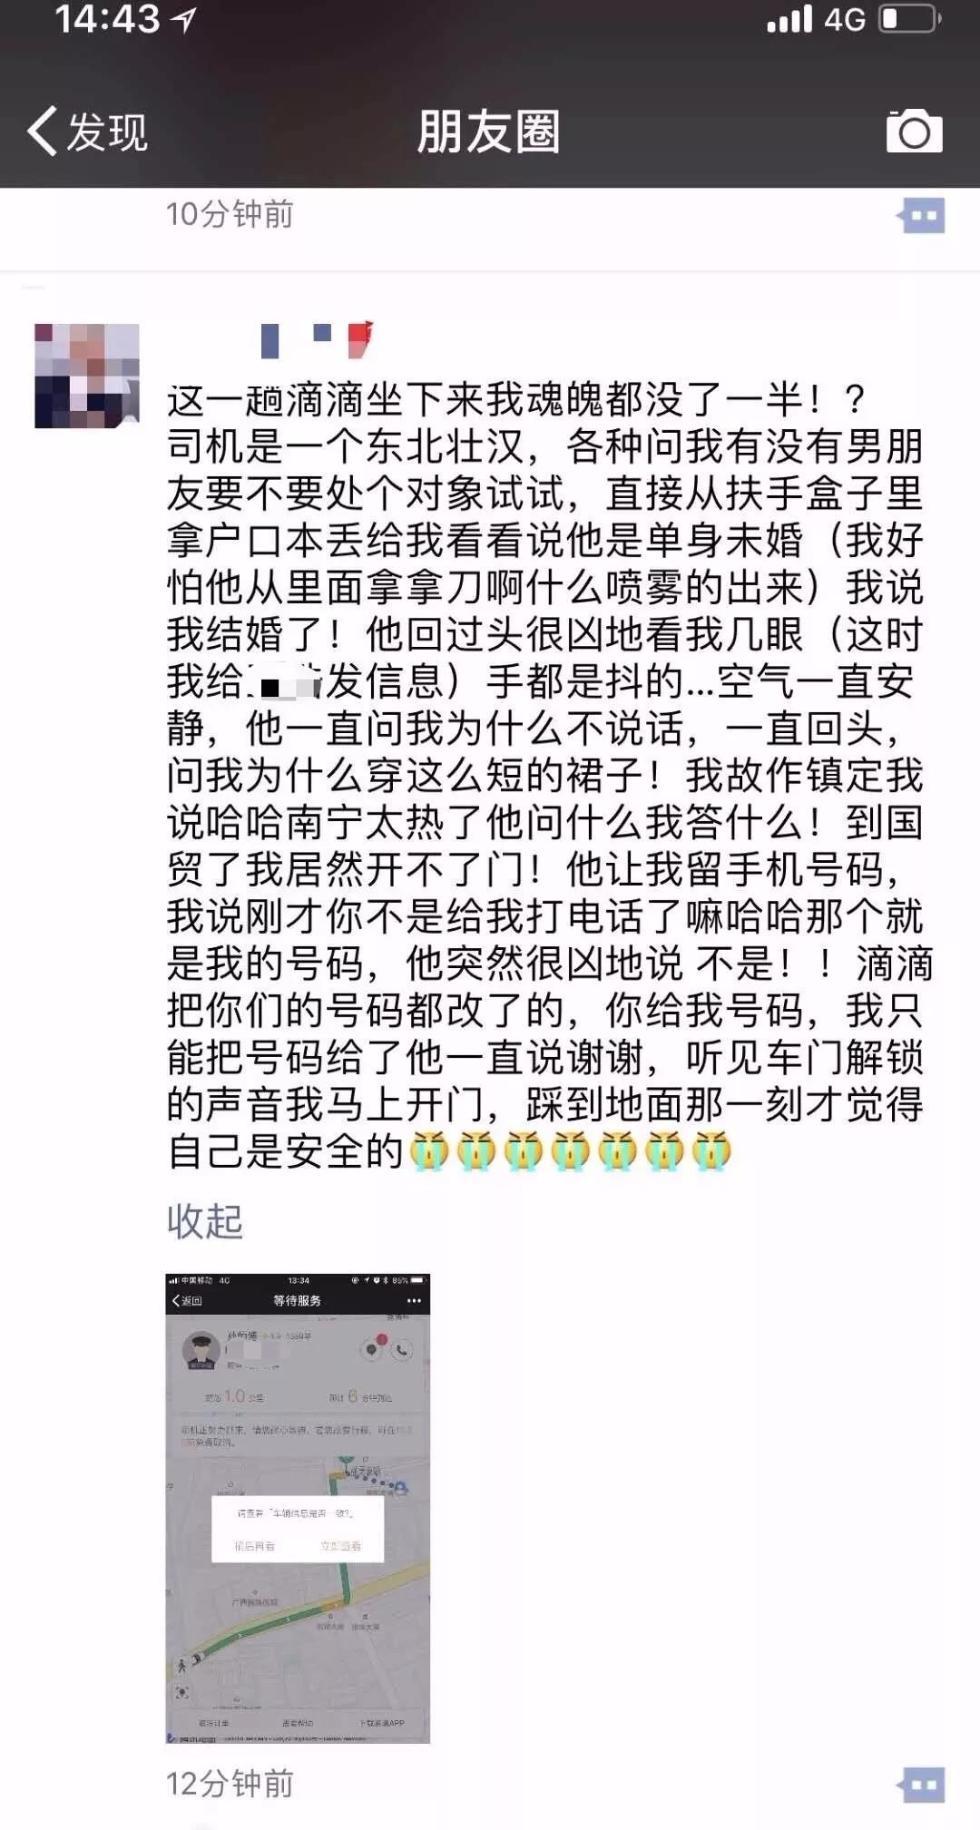 南宁女乘客爆料被滴滴司机骚扰:锁住车门,不给号码不让下车